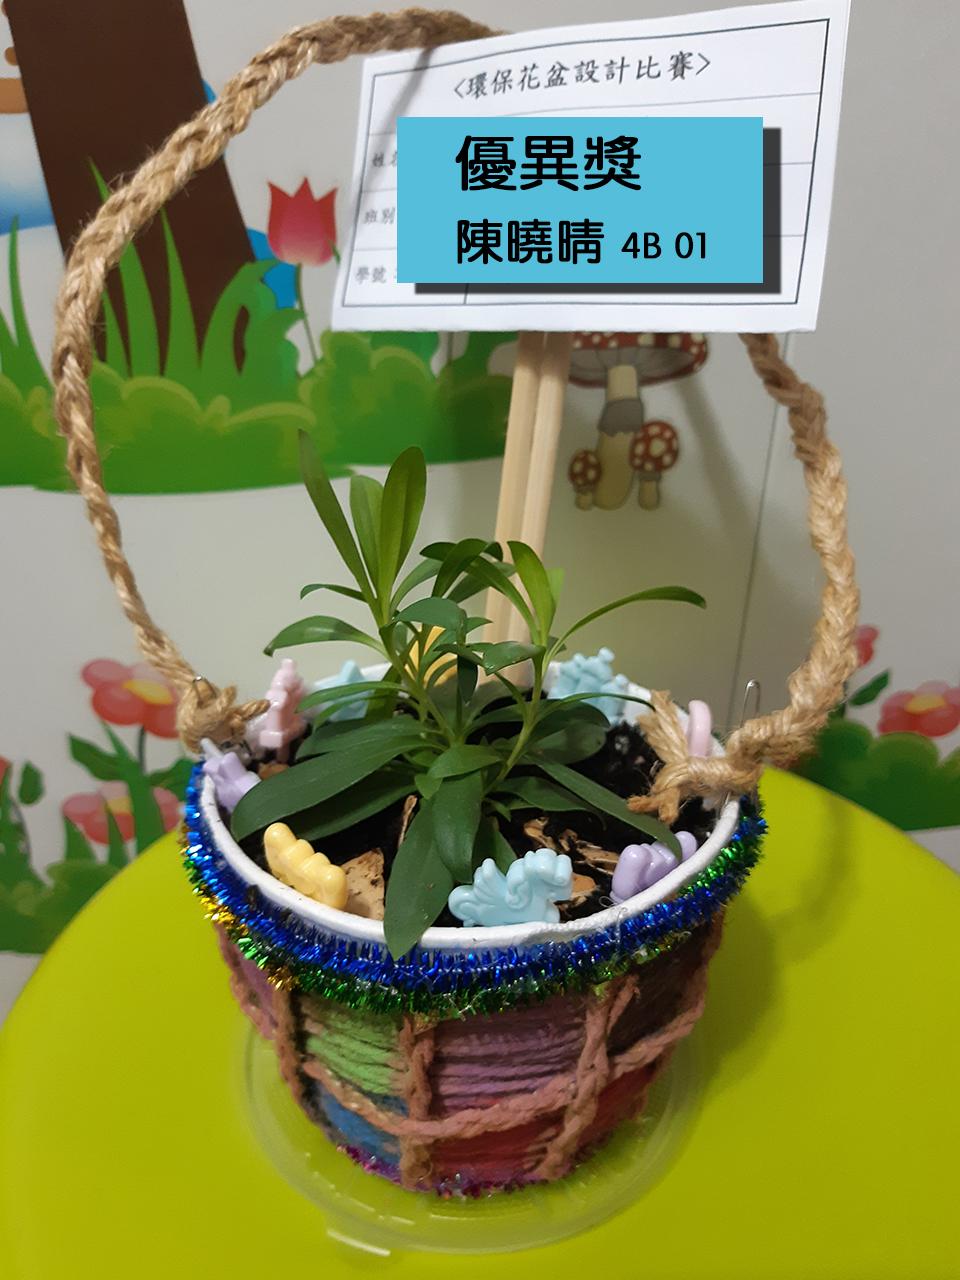 https://plkcjy.edu.hk/sites/default/files/you_yi_jiang_4b_01_chen_xiao_qing_.jpg